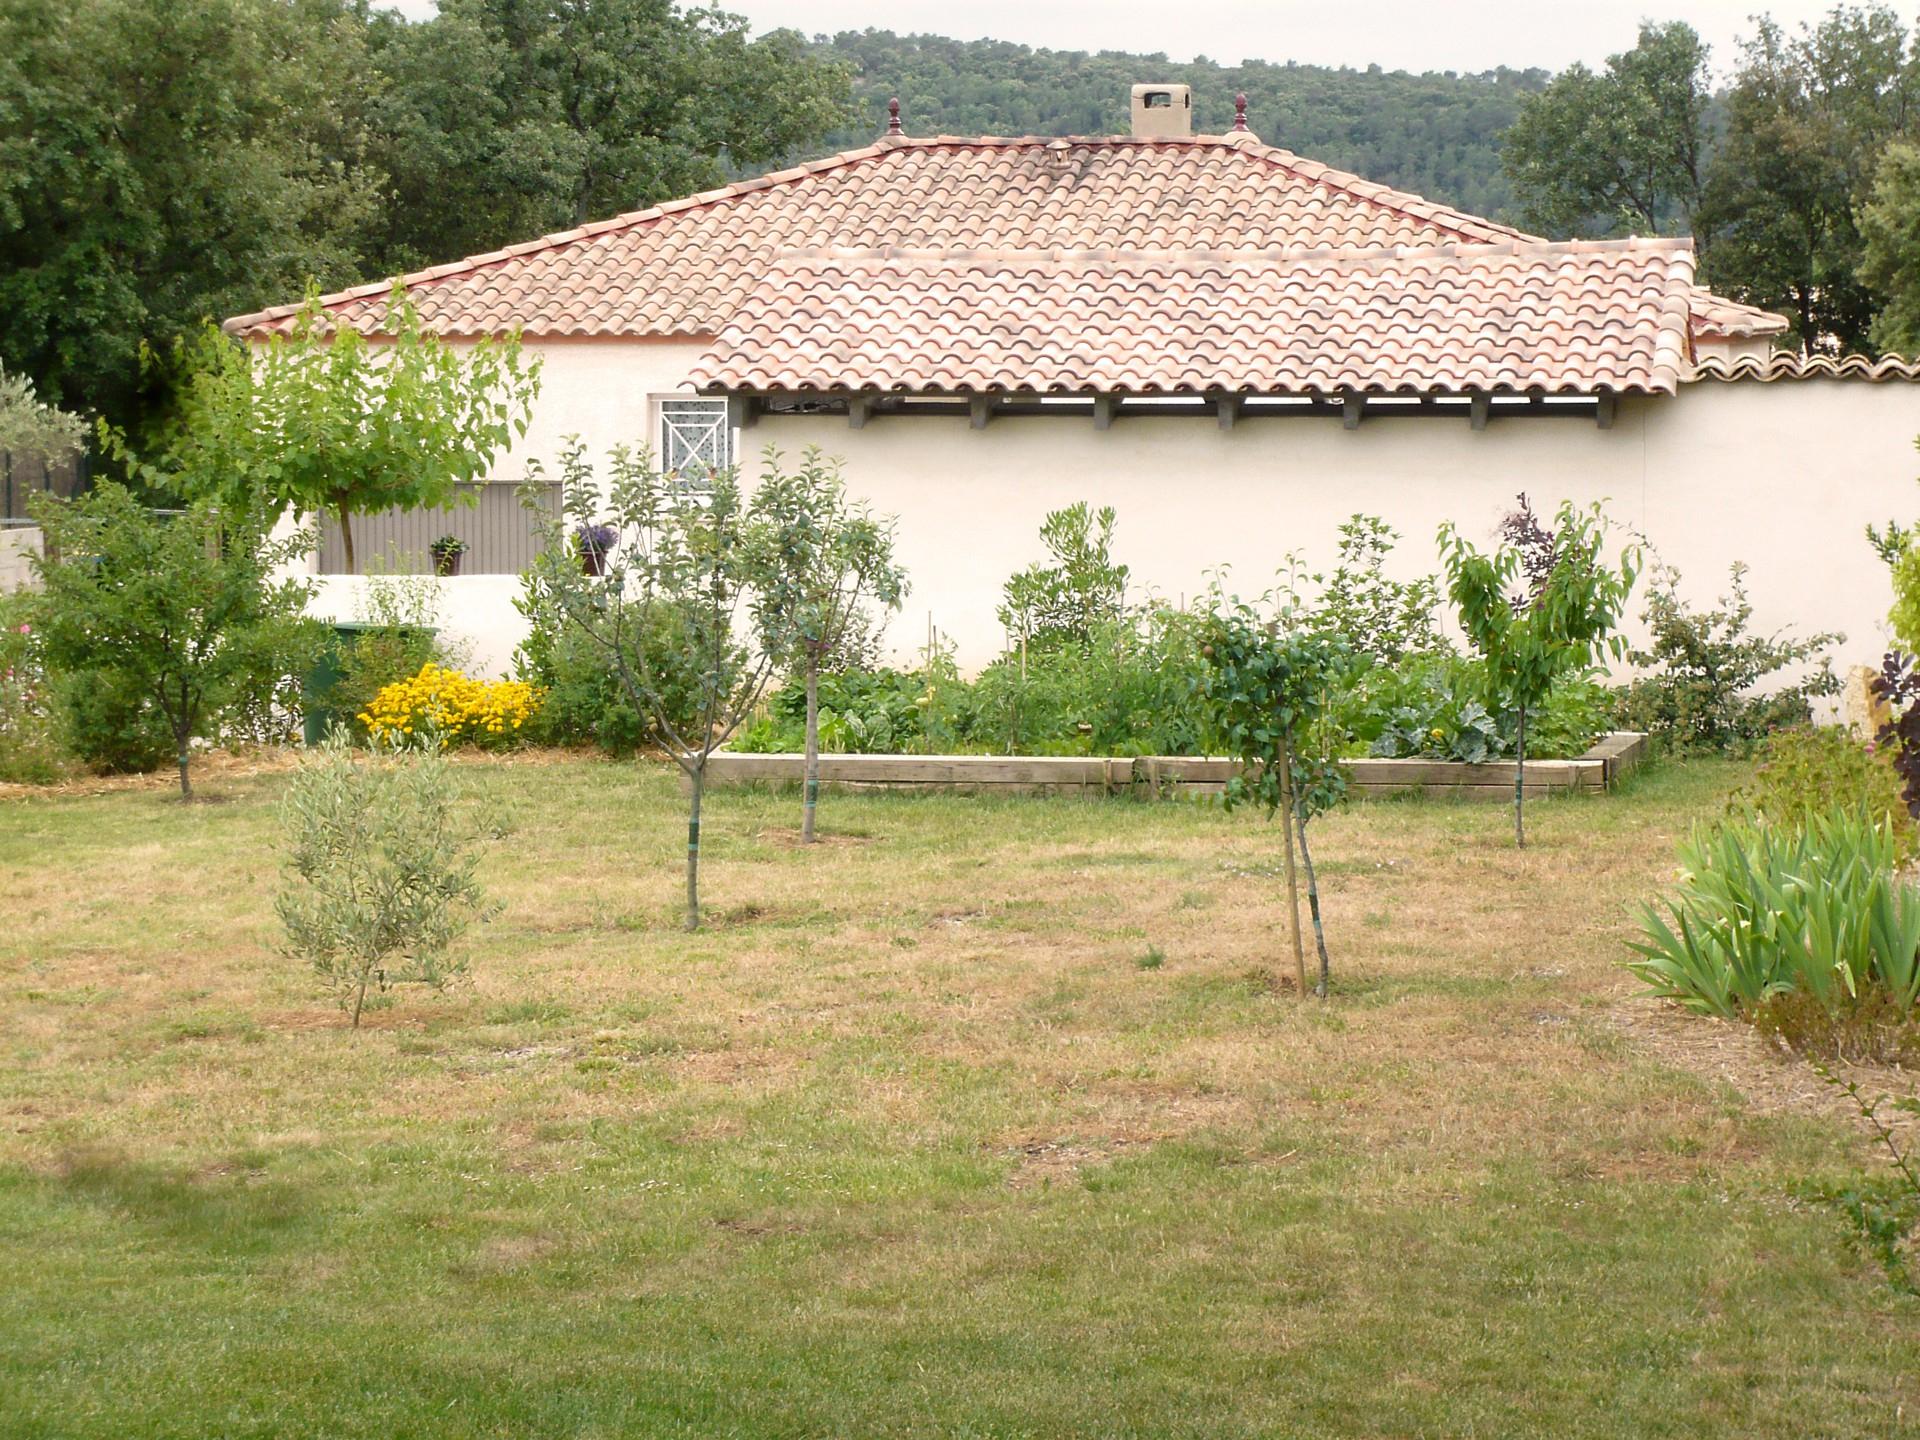 Paysagiste Pour aménagement De Jardin En Pente À Juvignac ... intérieur Amanagement Jardin En Pente